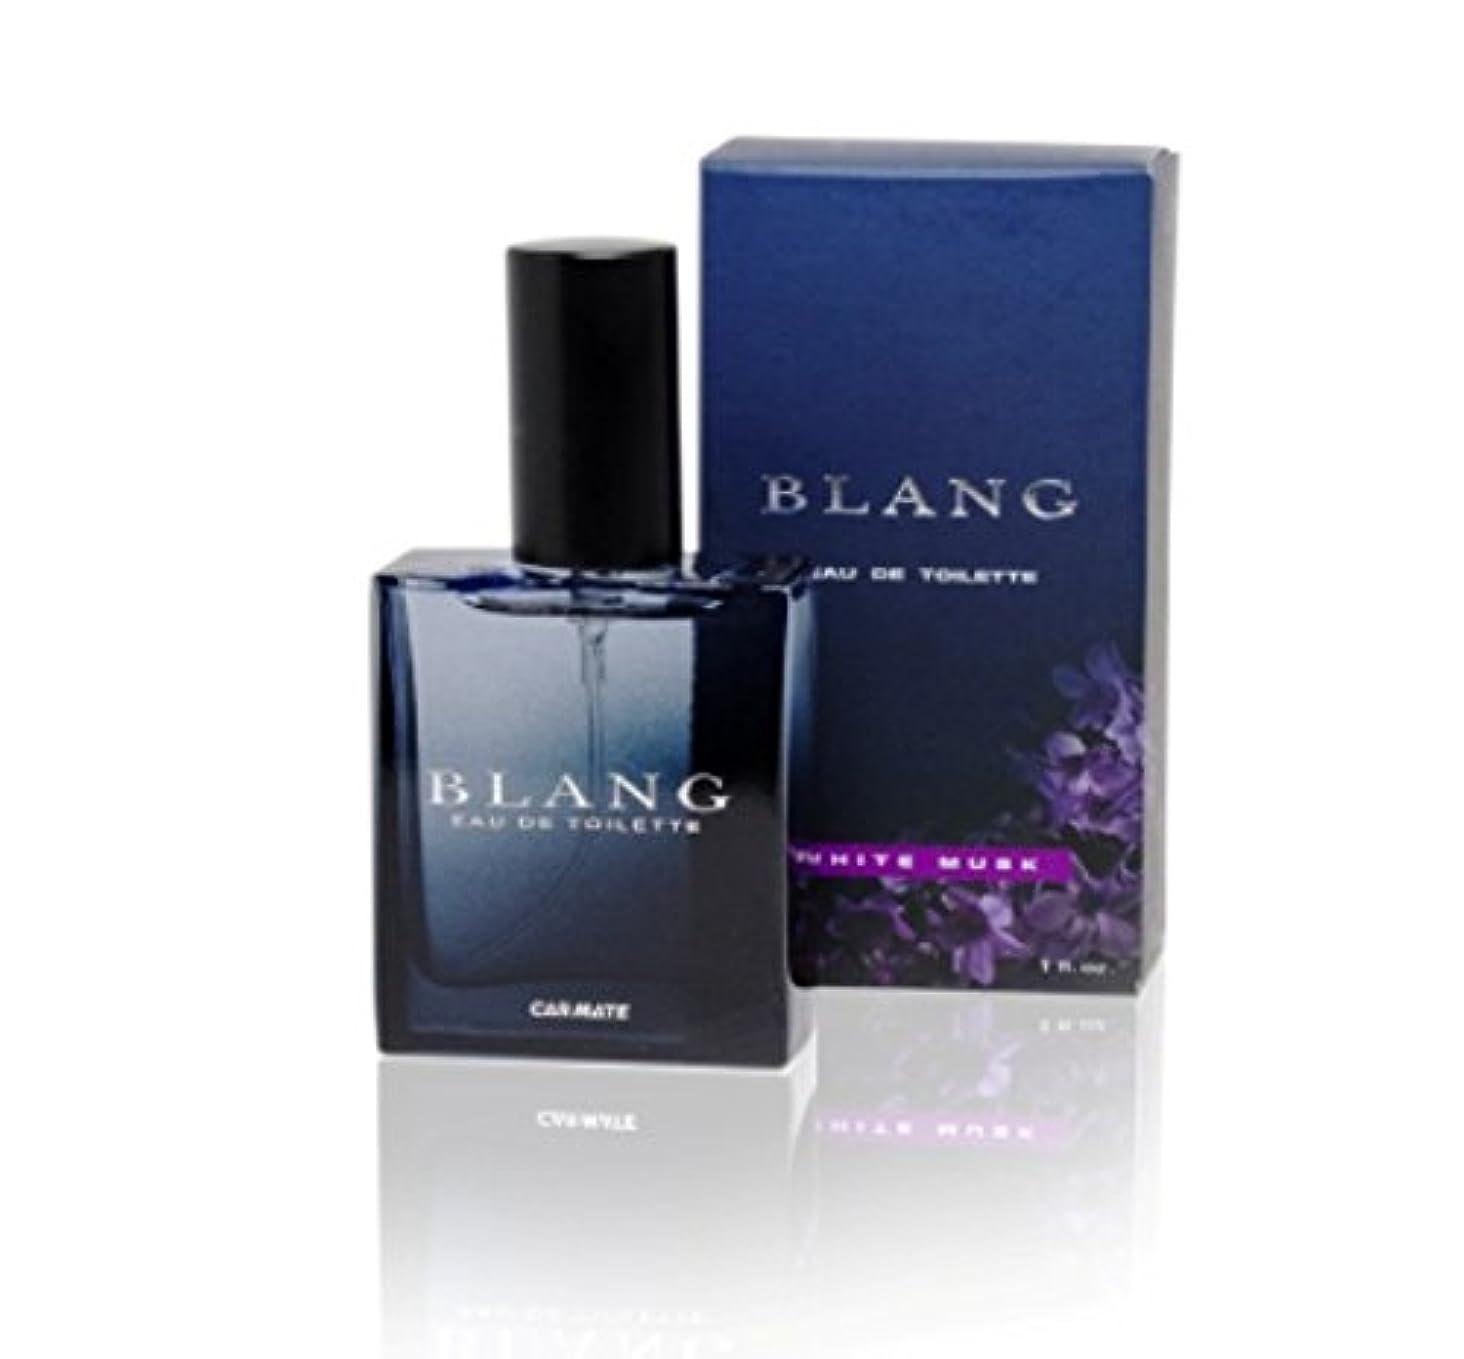 融合火曜日希望に満ちたカーメイト 香水 芳香剤 ブラング オードトワレ 置き型 ホワイトムスク 販売ルート限定品 30ml L531